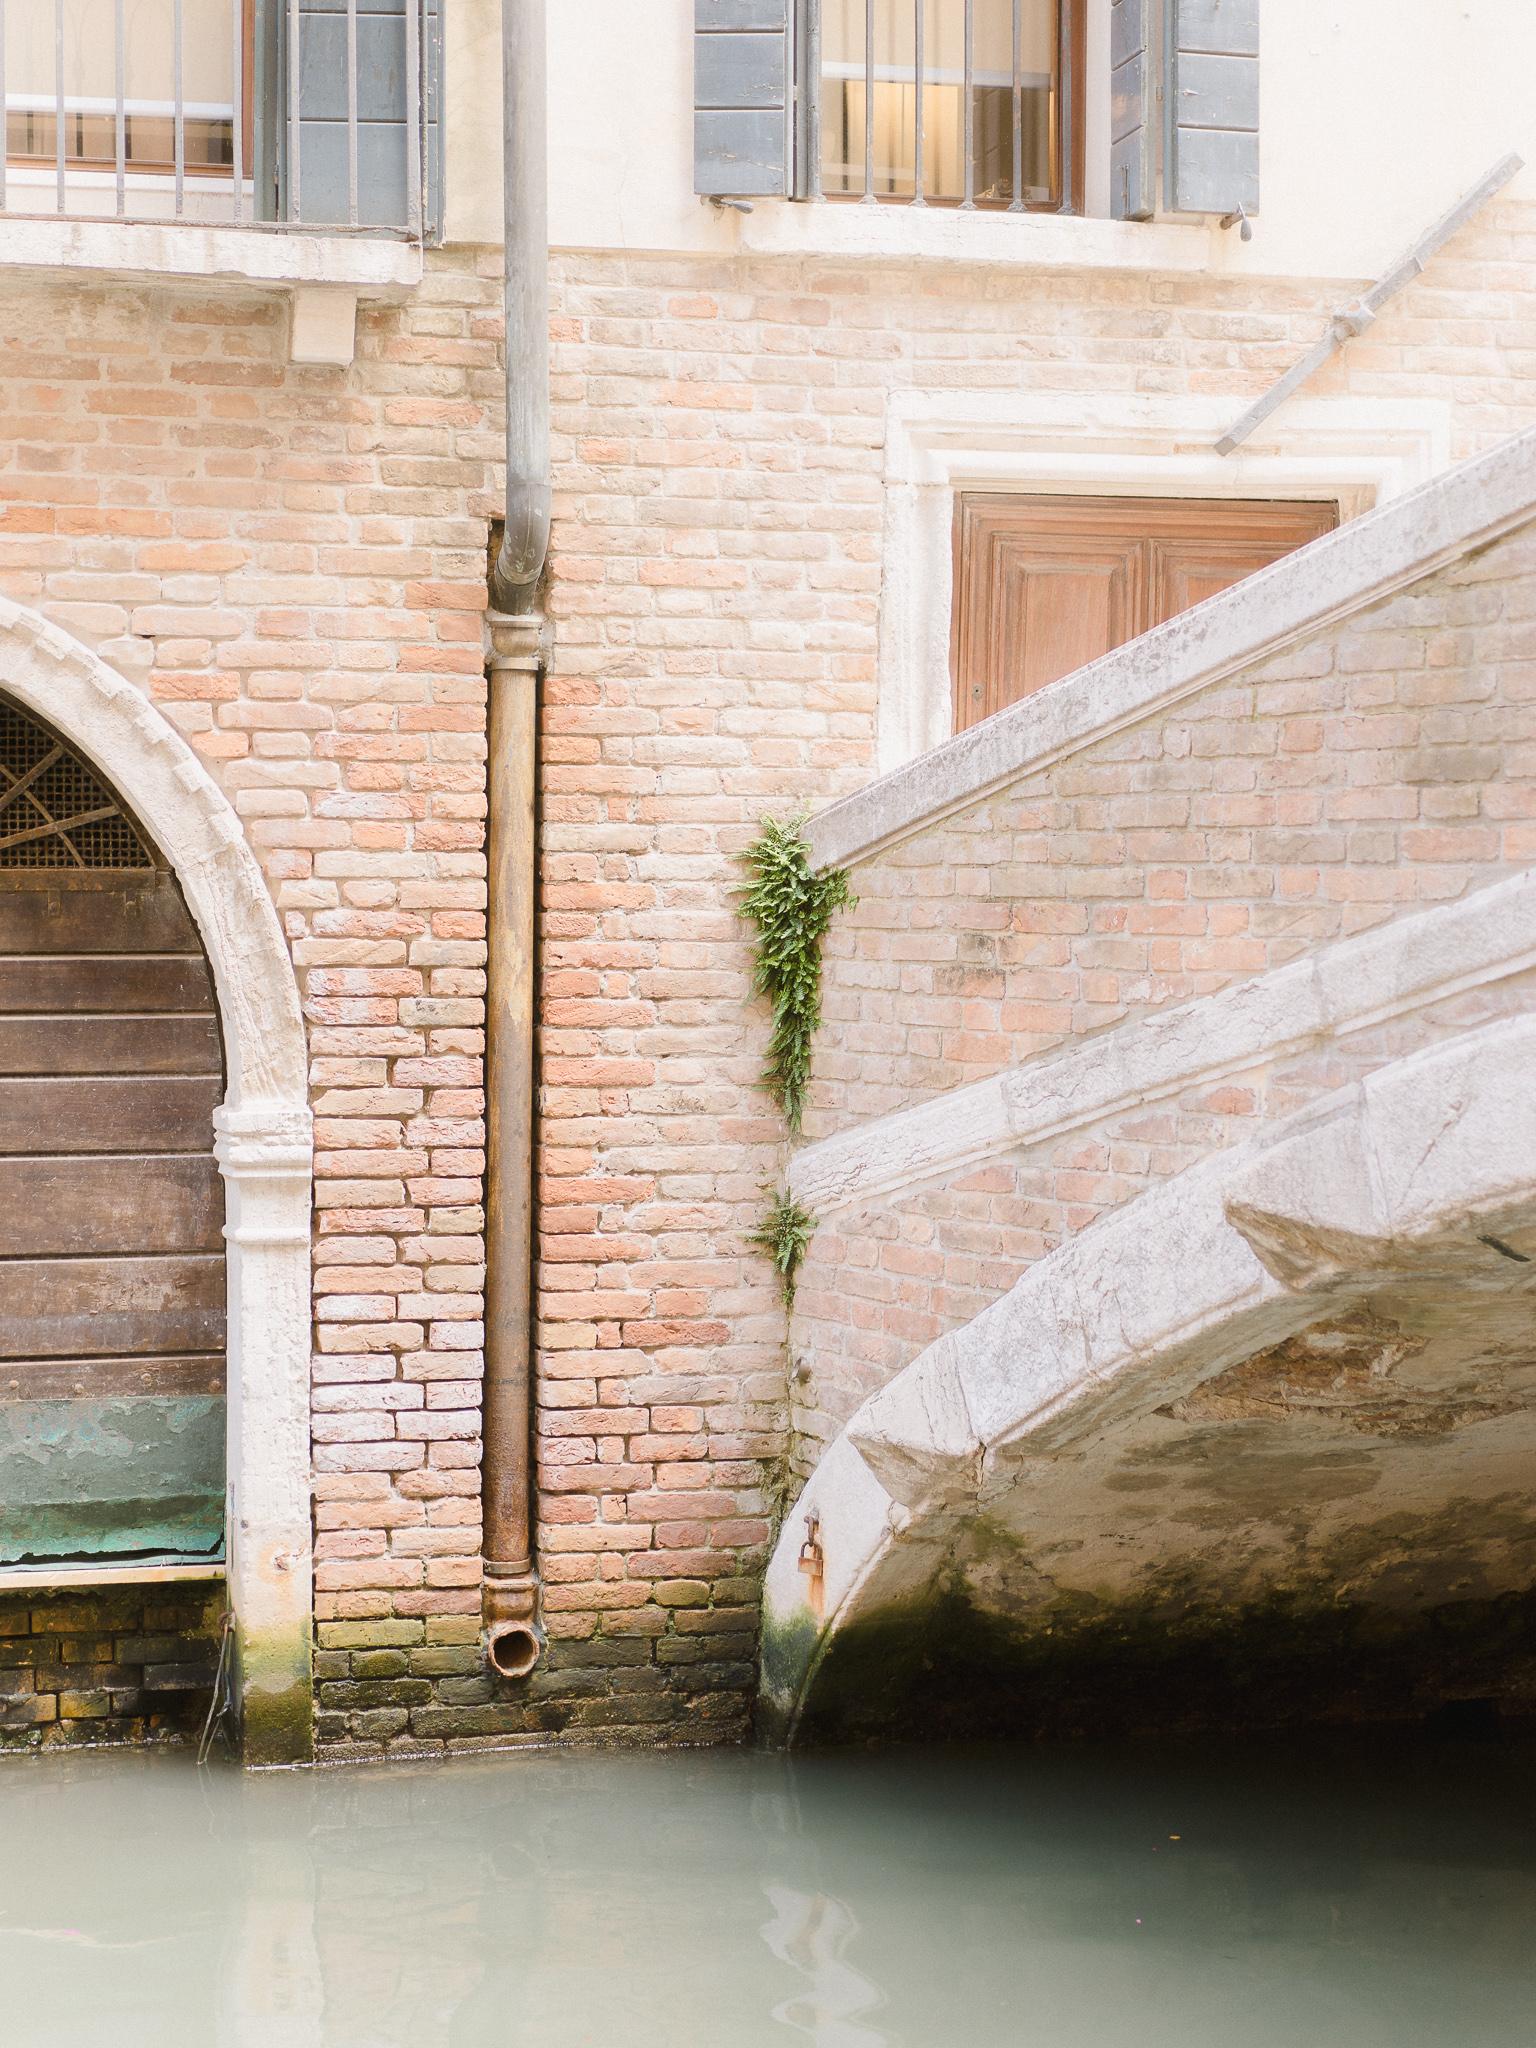 Venice-Burano-Italy-16.jpg